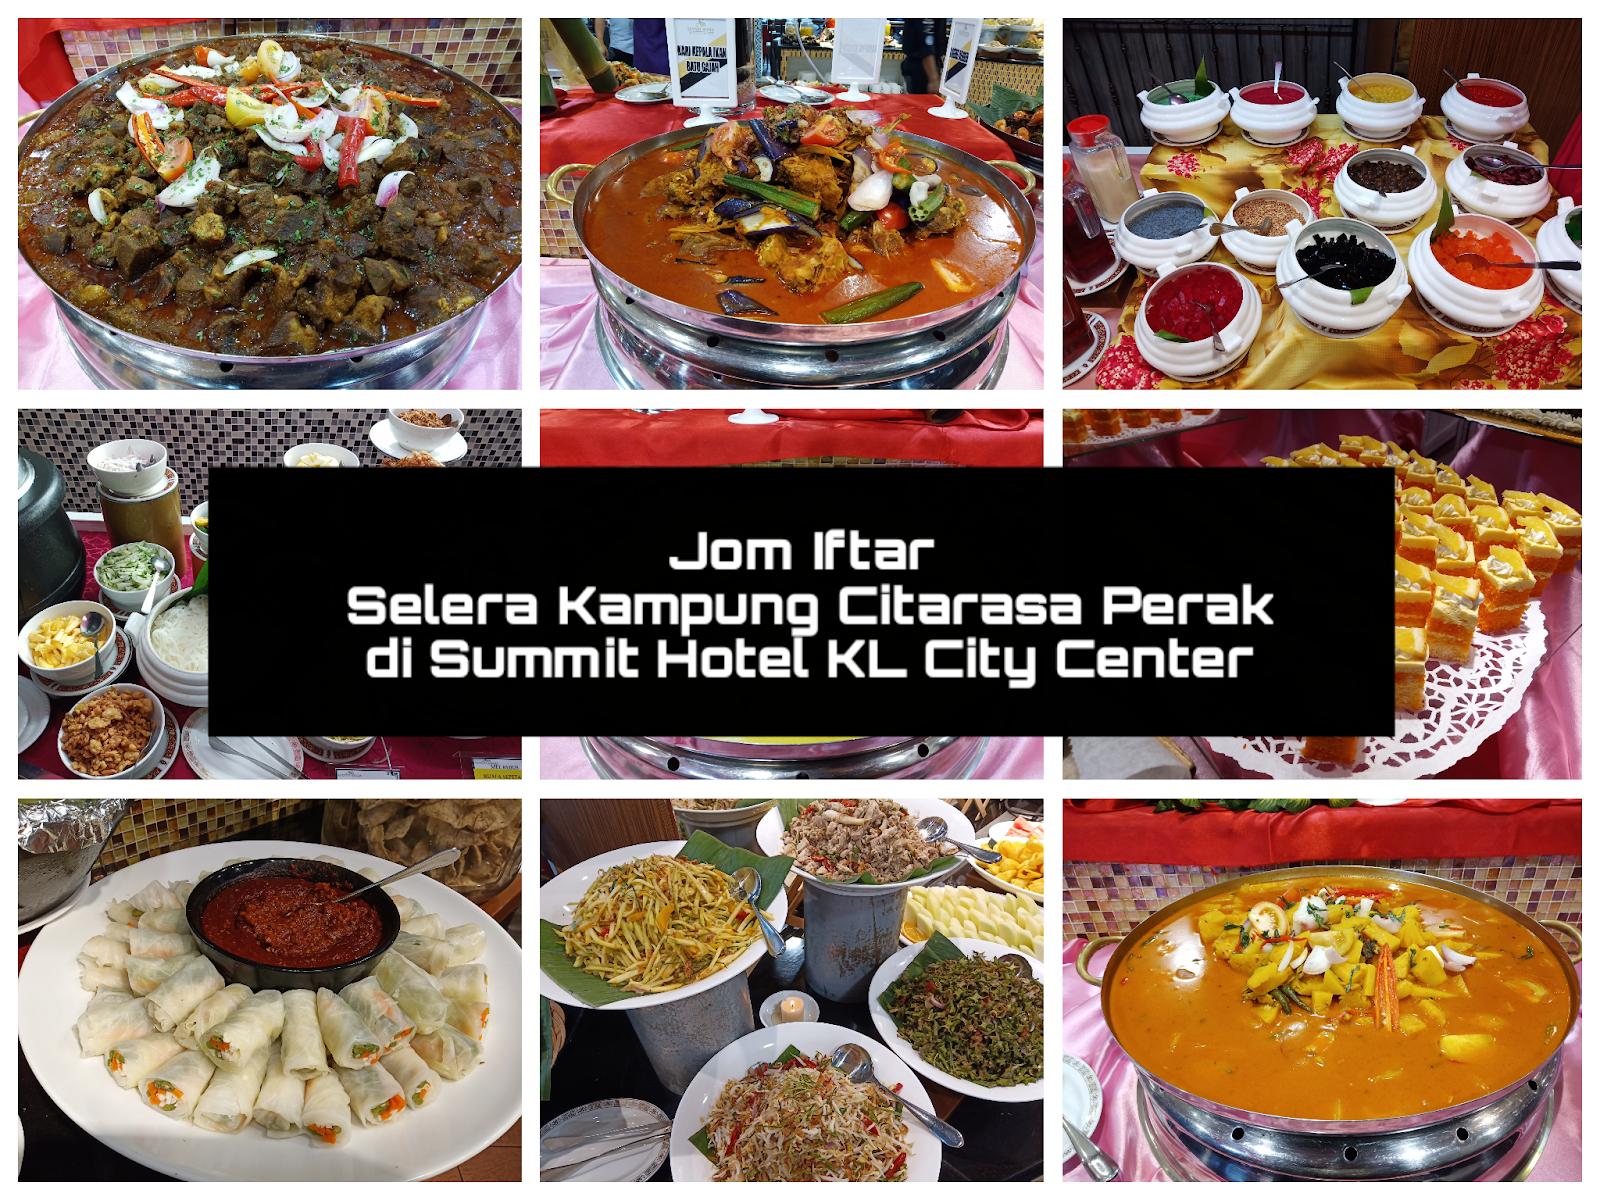 Jom Iftar dengan Selera Kampung Citarasa Perak di Summit Hotel KL City Center